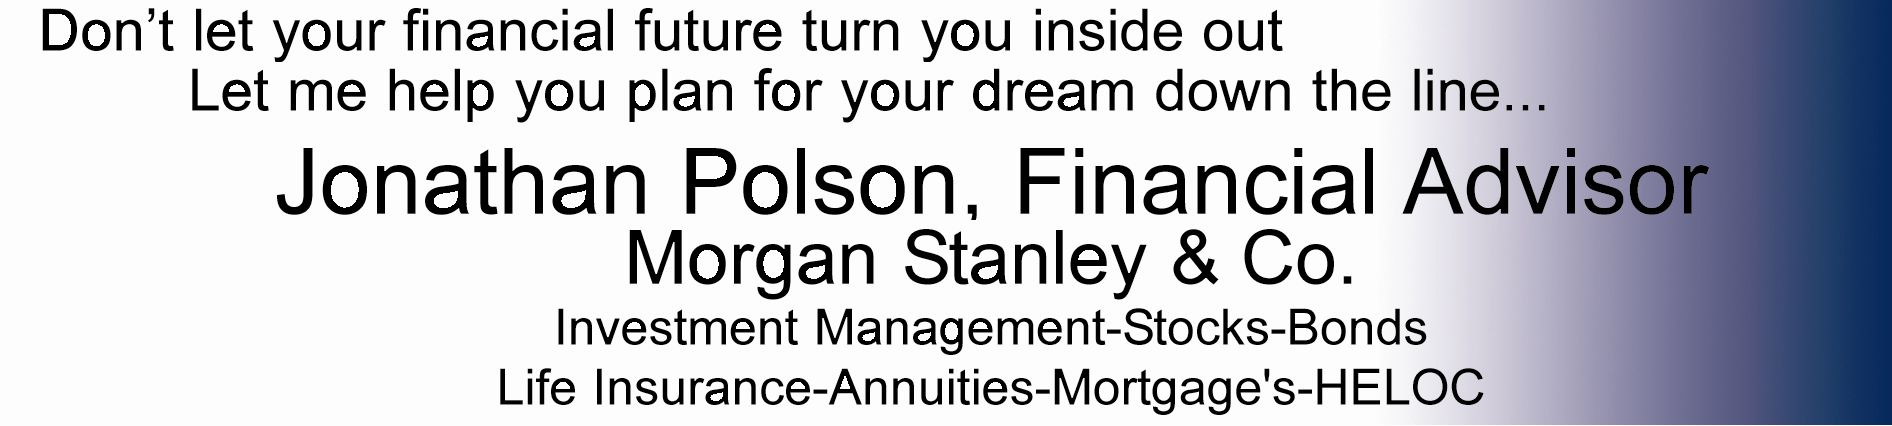 Polson Morgan Stanley Ad